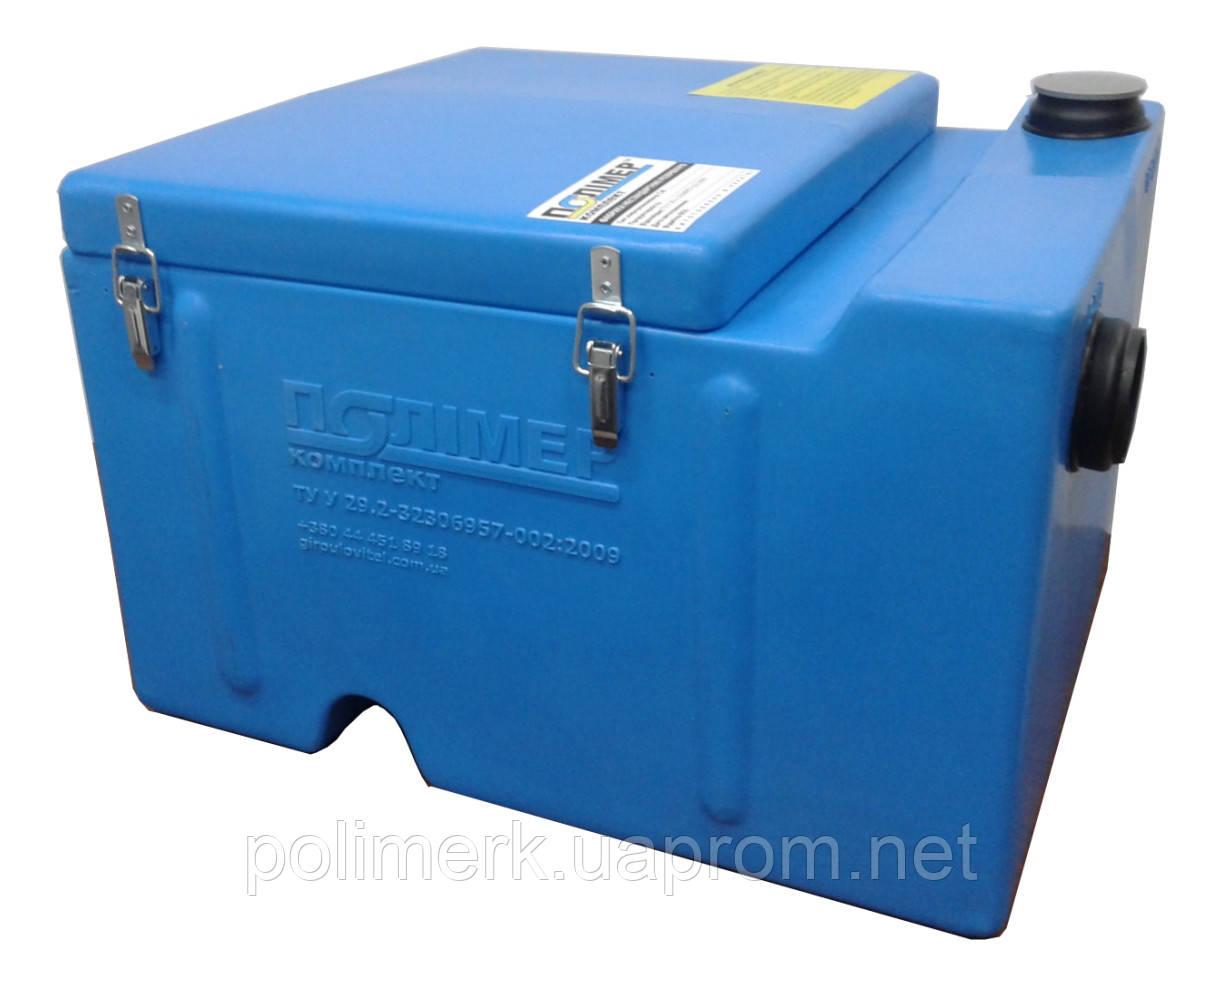 Жироуловитель (сепаратор жира) СЖ 0,5-0,06 Ф Оптима-60 (с фильтрами)